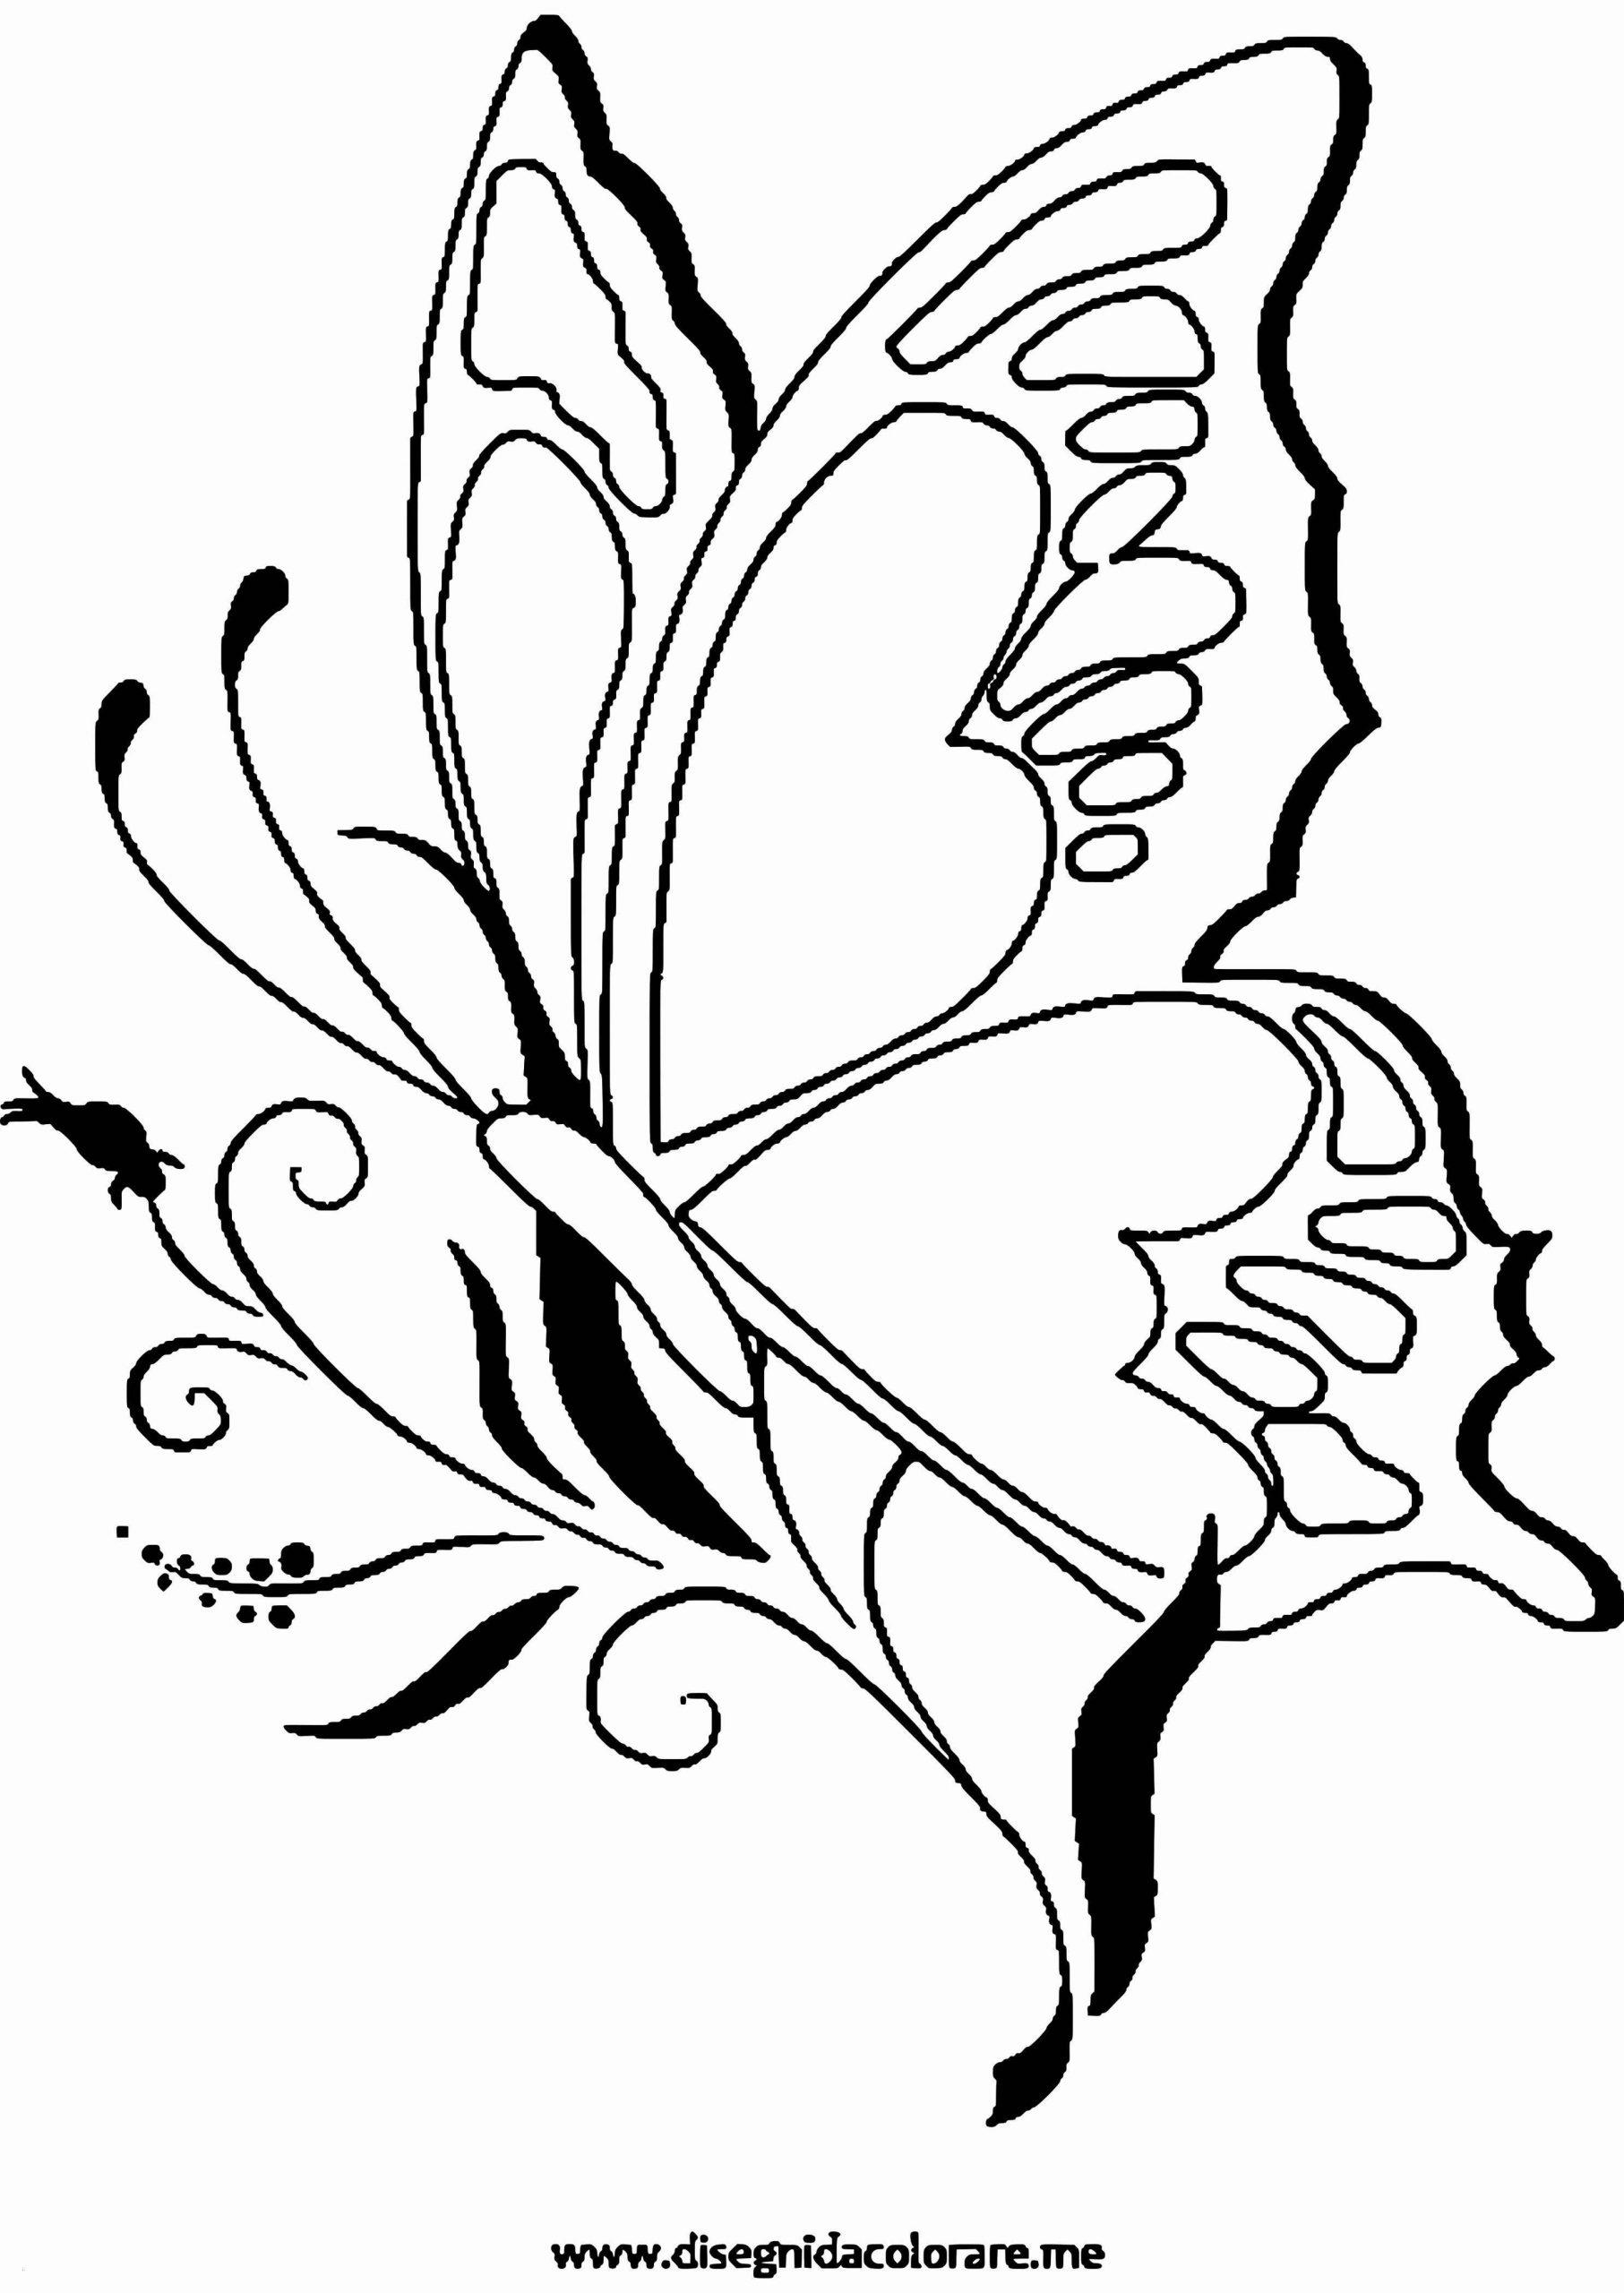 61 Schön Ausmalbilder Schmetterling Kostenlos Ausdrucken für Kostenlose Malvorlage Schmetterling